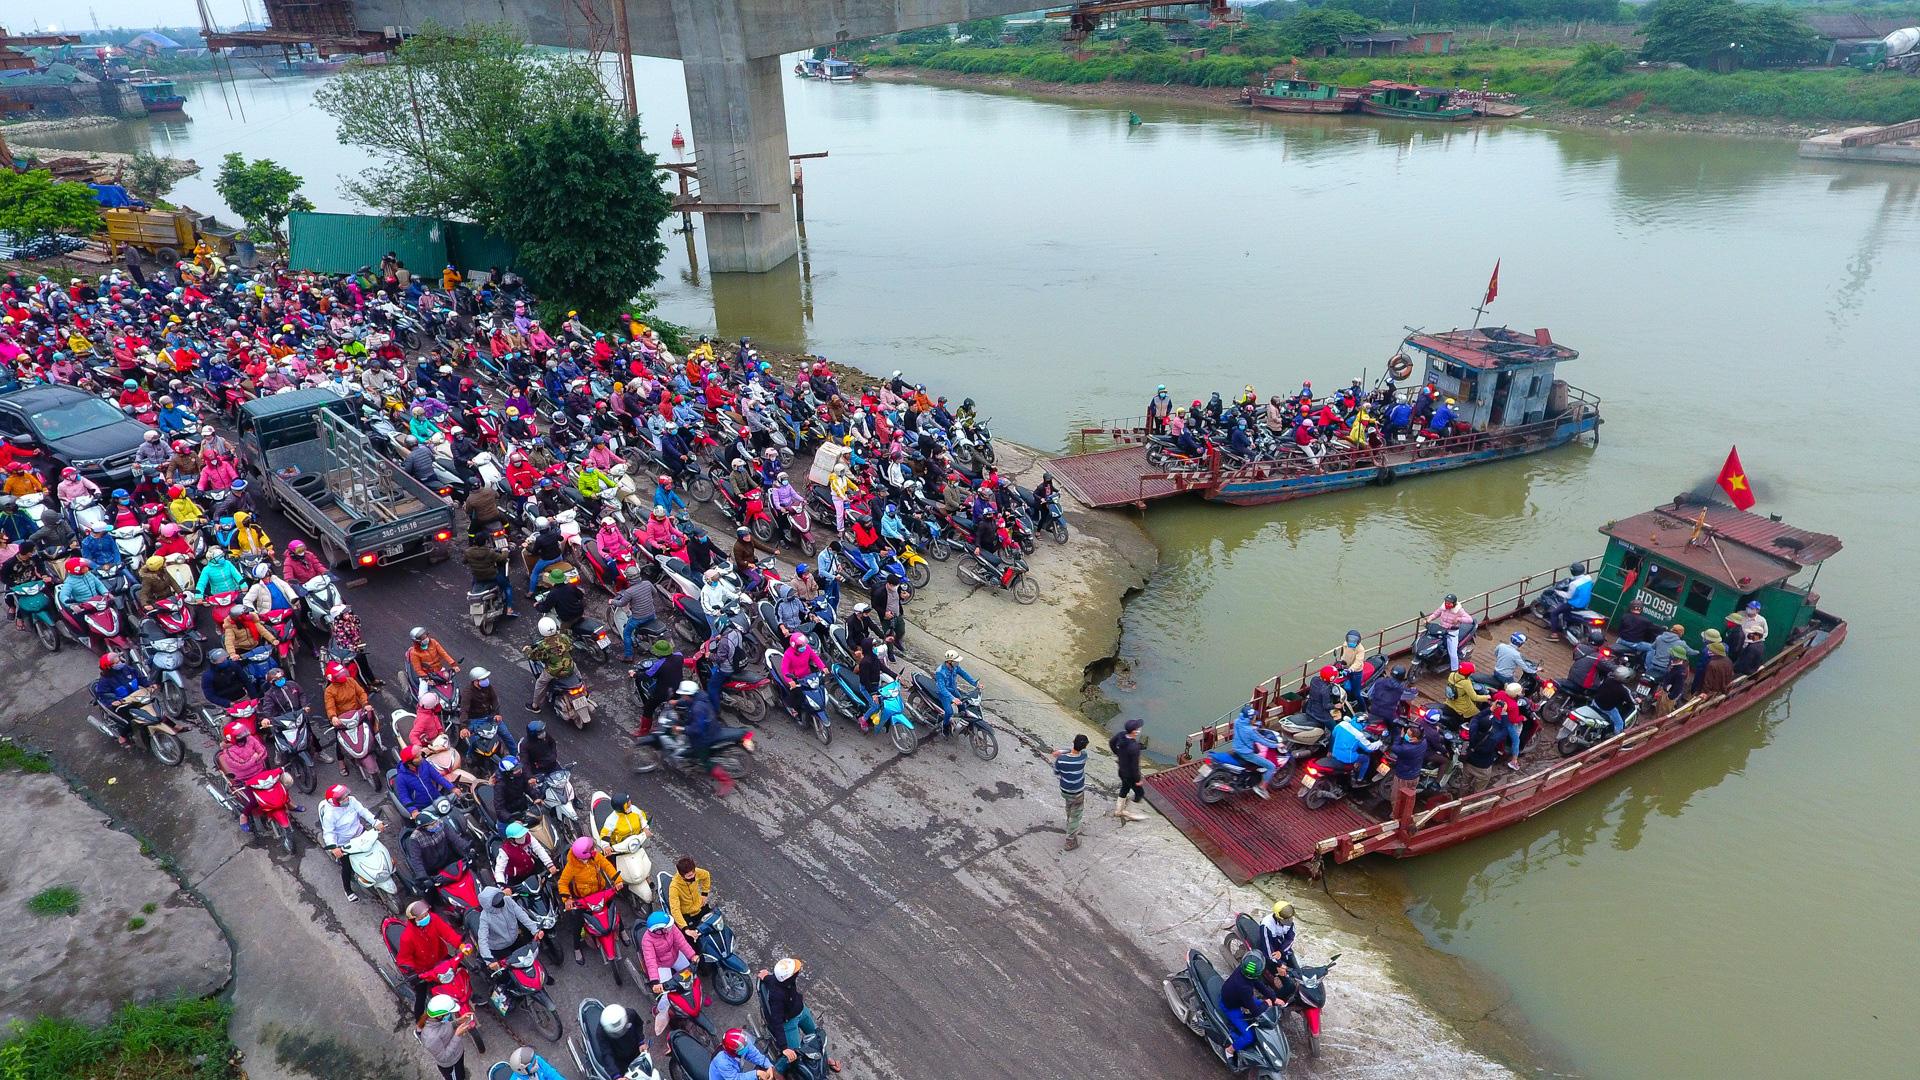 Hải Dương: Hàng ngàn người ùn ùn đợi đò giữa thời dịch Covid-19 - Ảnh 7.